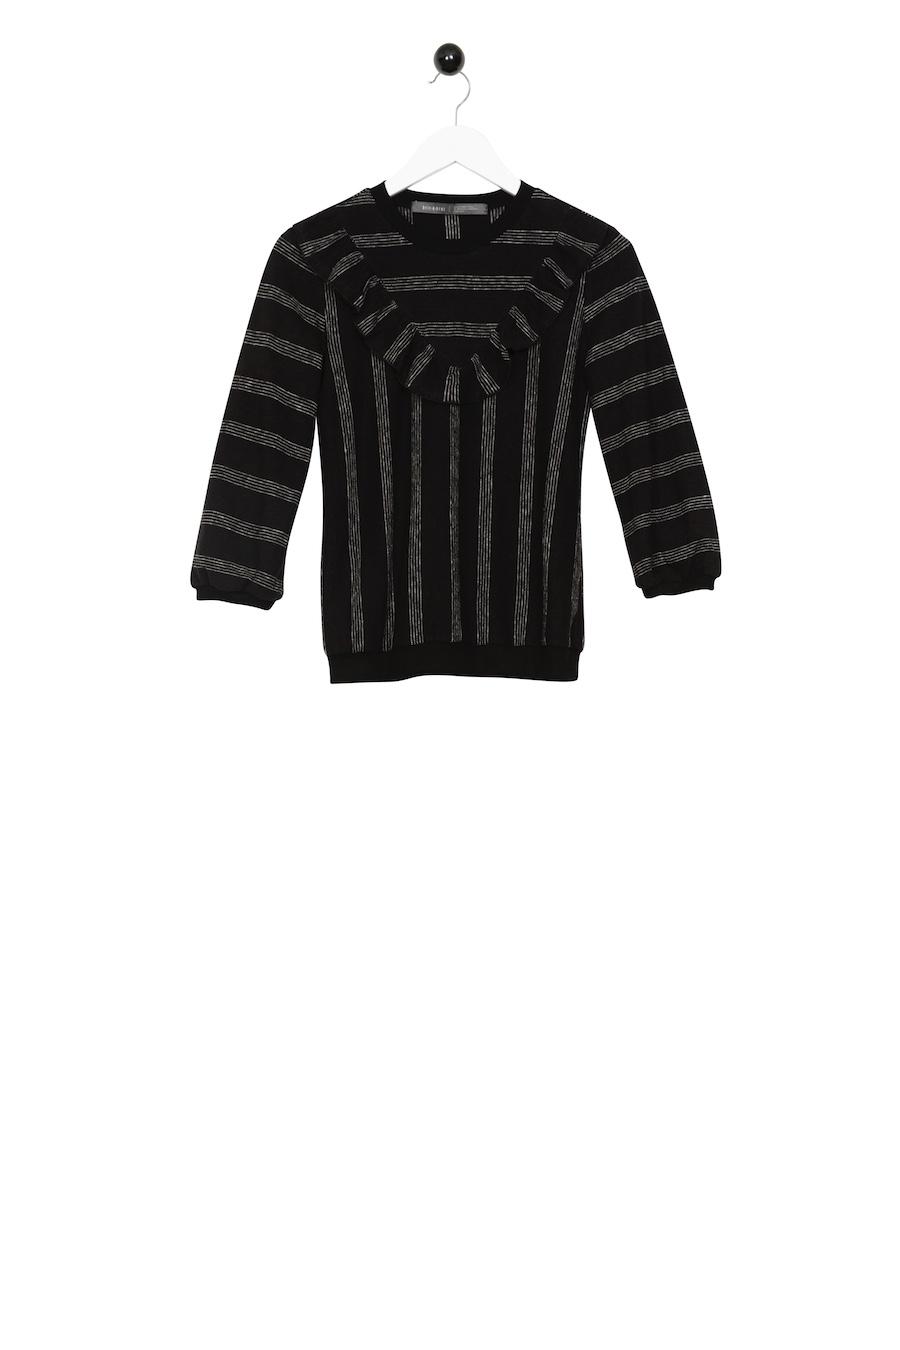 Bardigiano Sweater